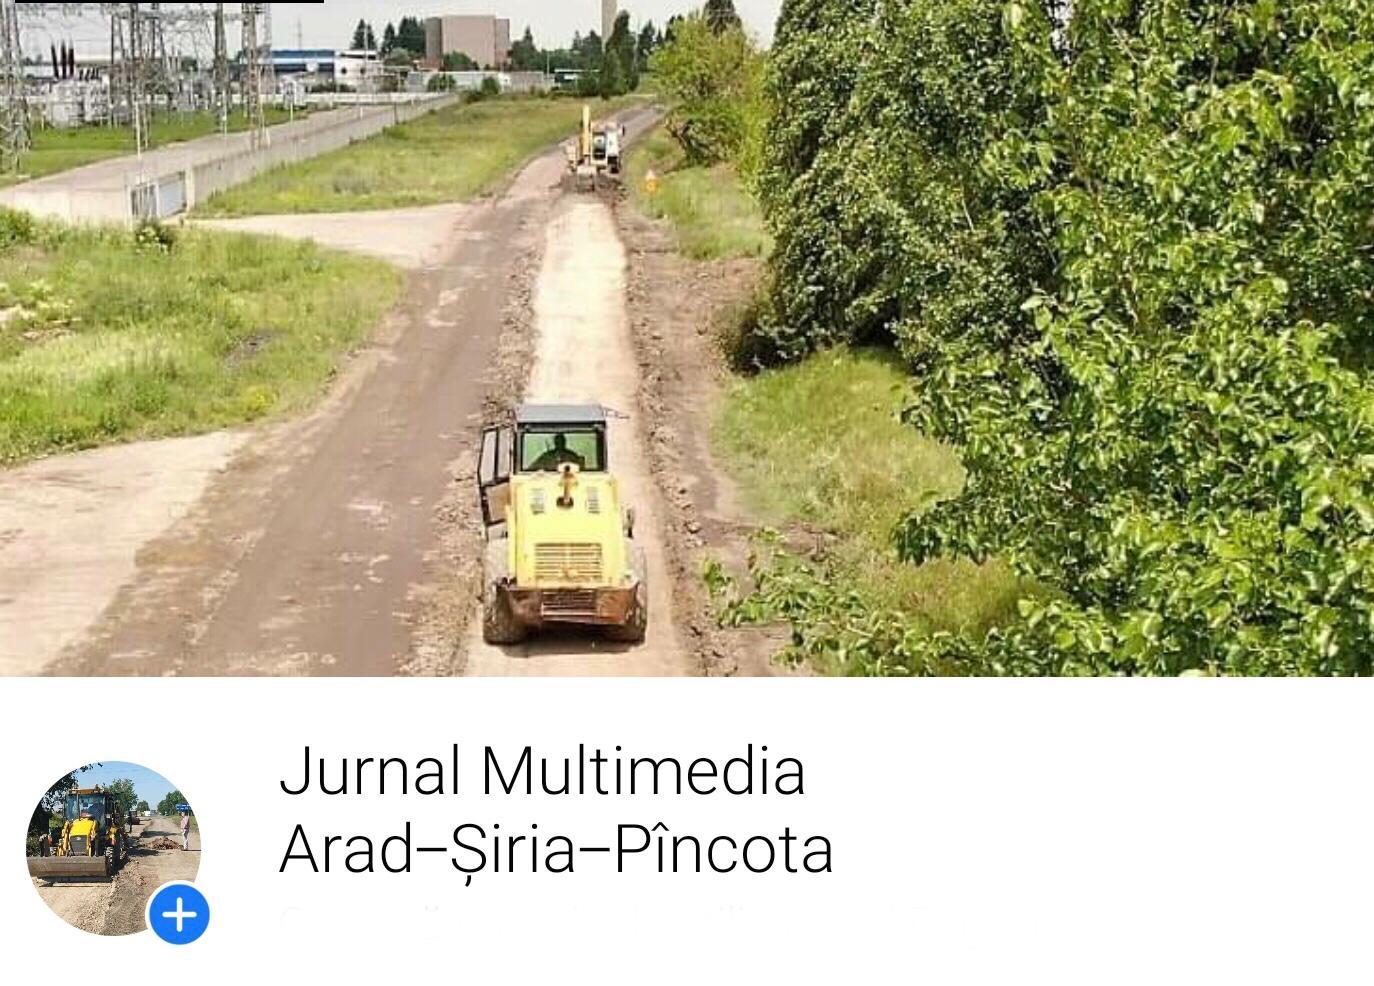 Premieră în România: Consiliul Județean Arad a deschis un jurnal multimedia on-line pentru un drum județean în lucru!